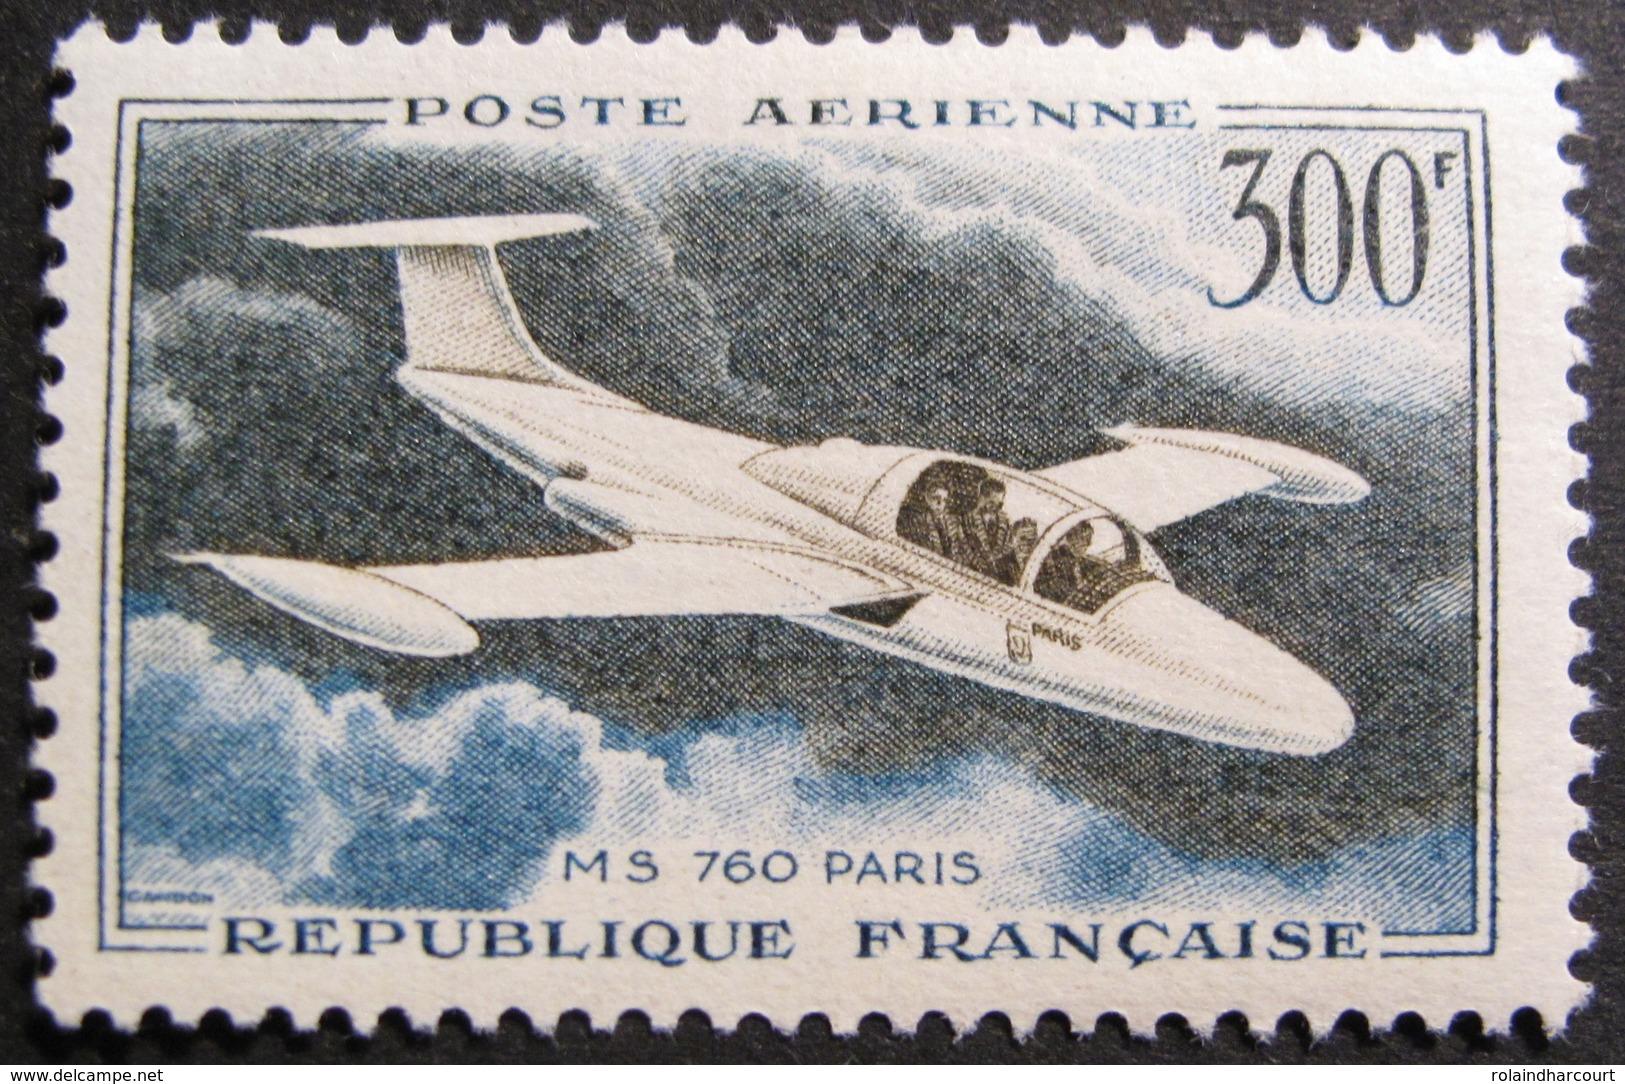 LOT R1624/197 - 1957 - POSTE AERIENNE - N°35 NEUF** - Airmail